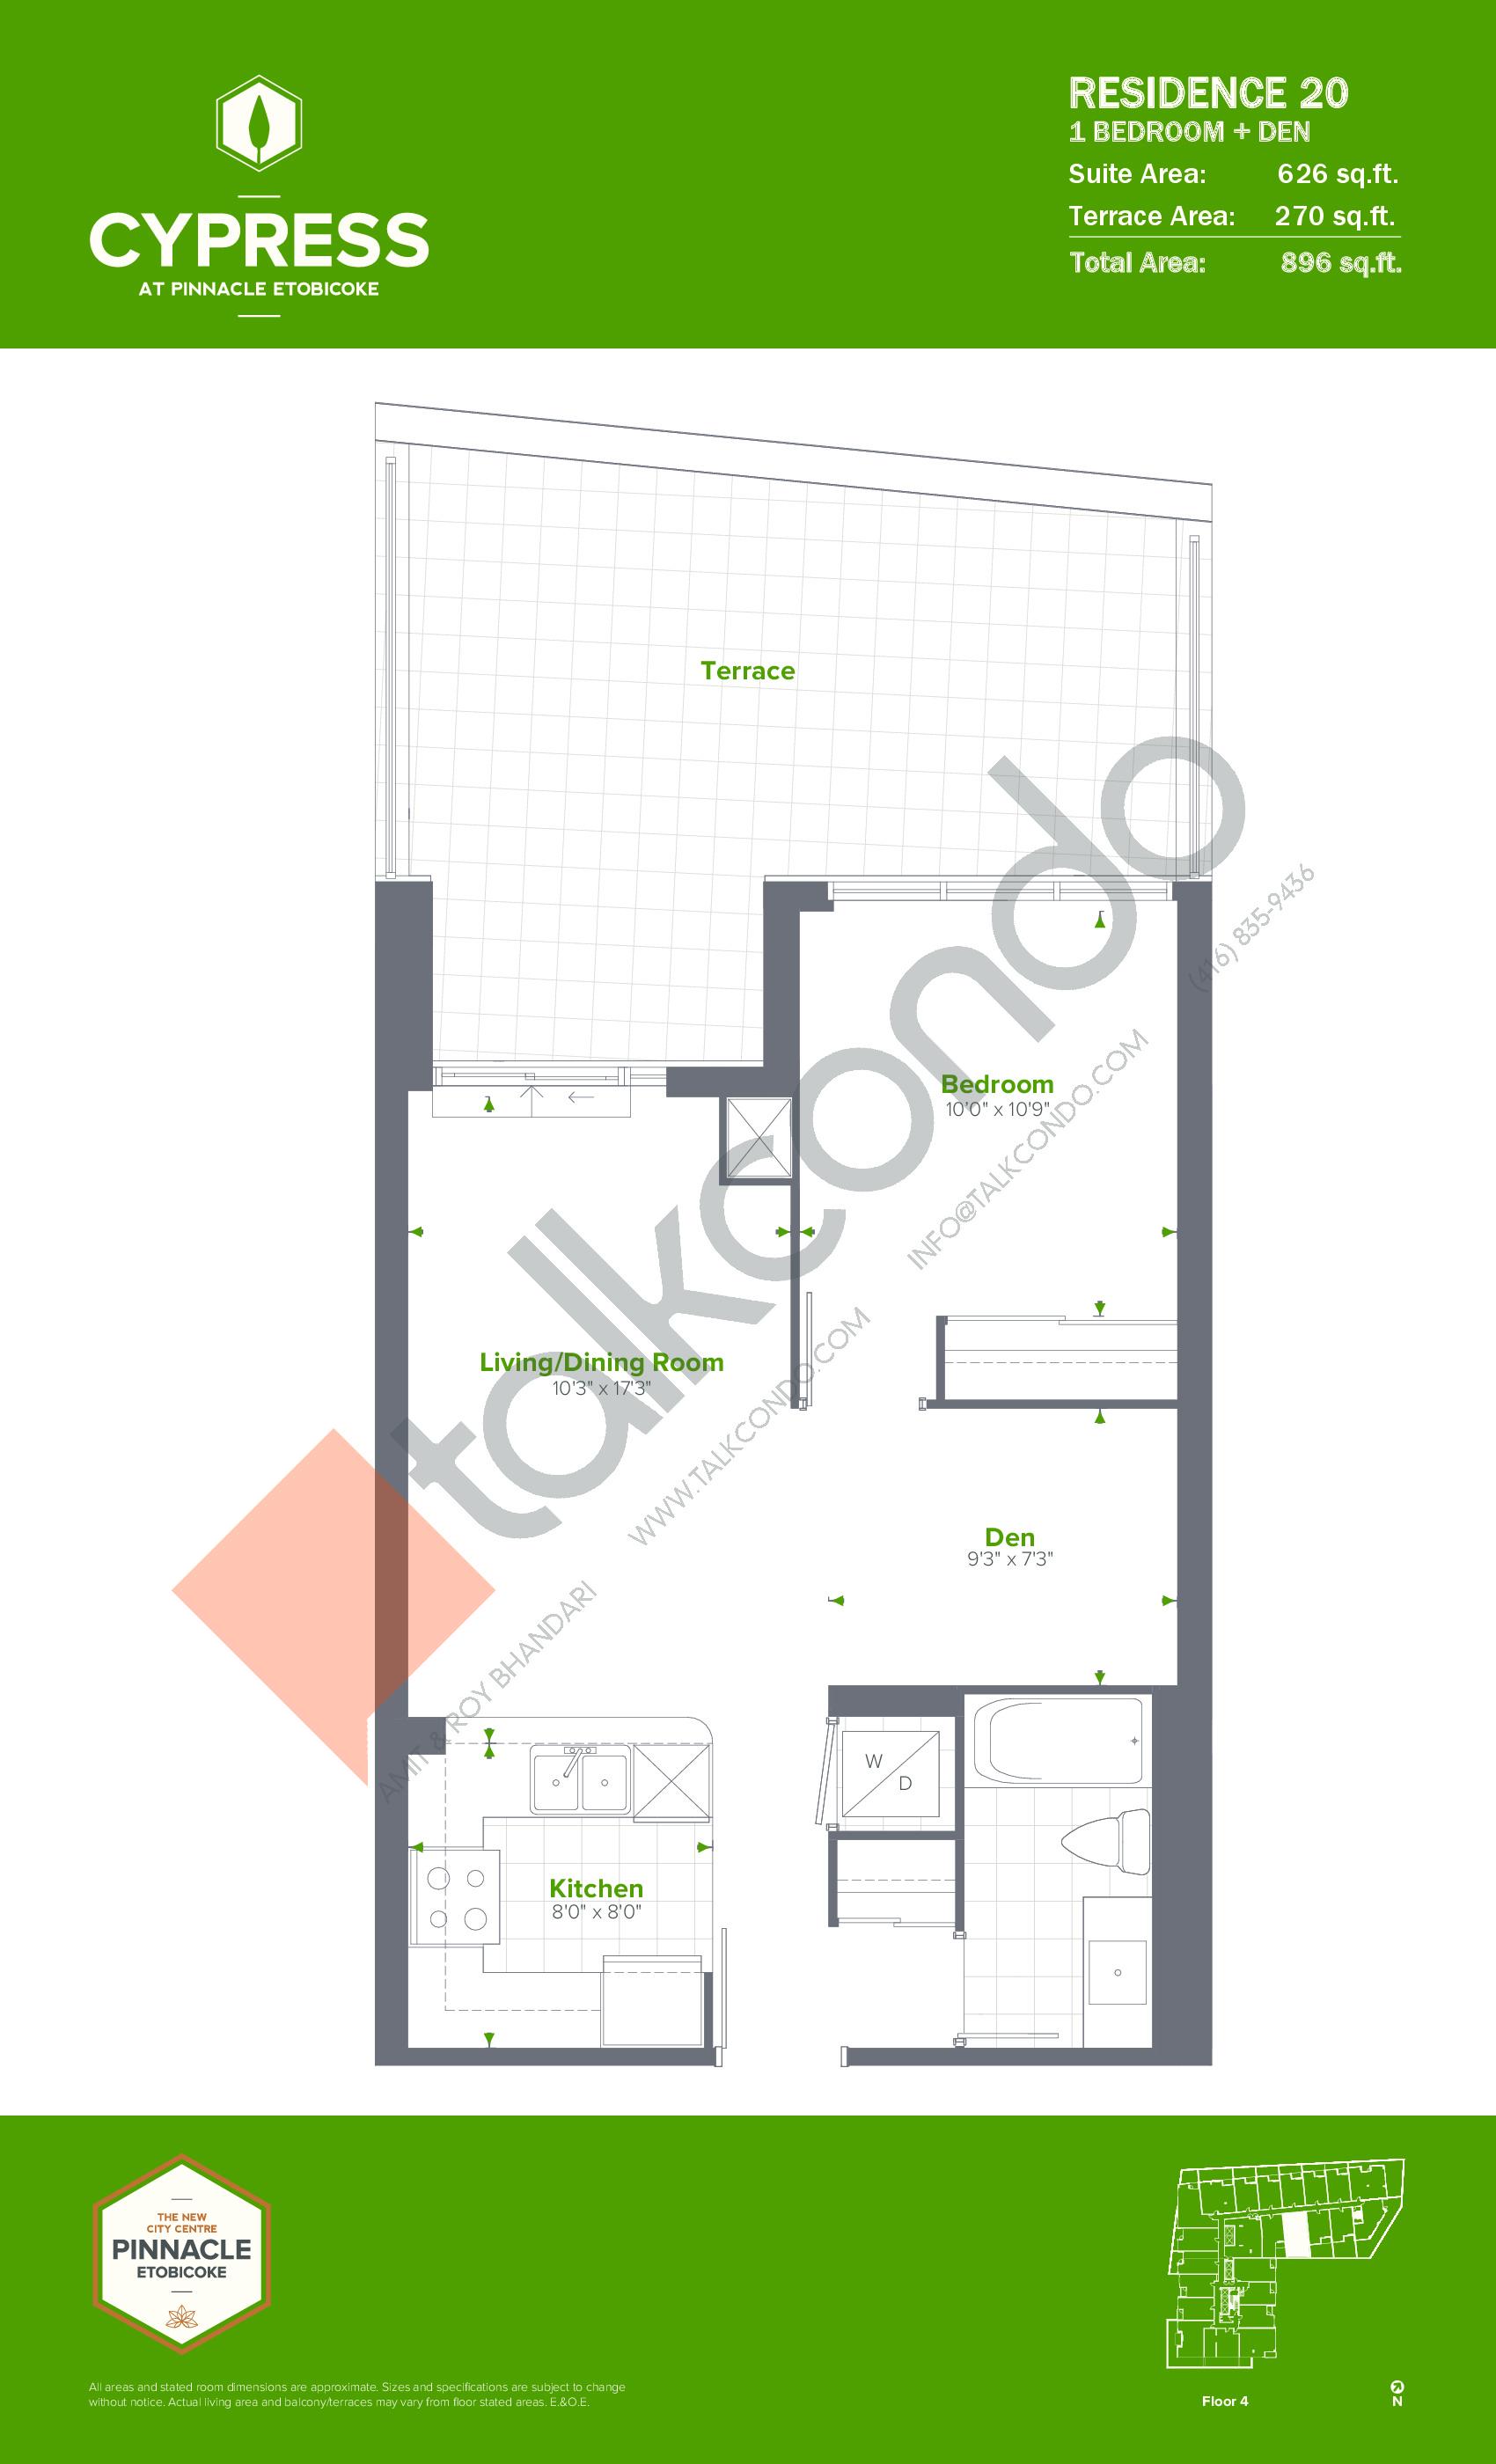 Residence 20 Floor Plan at Cypress at Pinnacle Etobicoke - 626 sq.ft